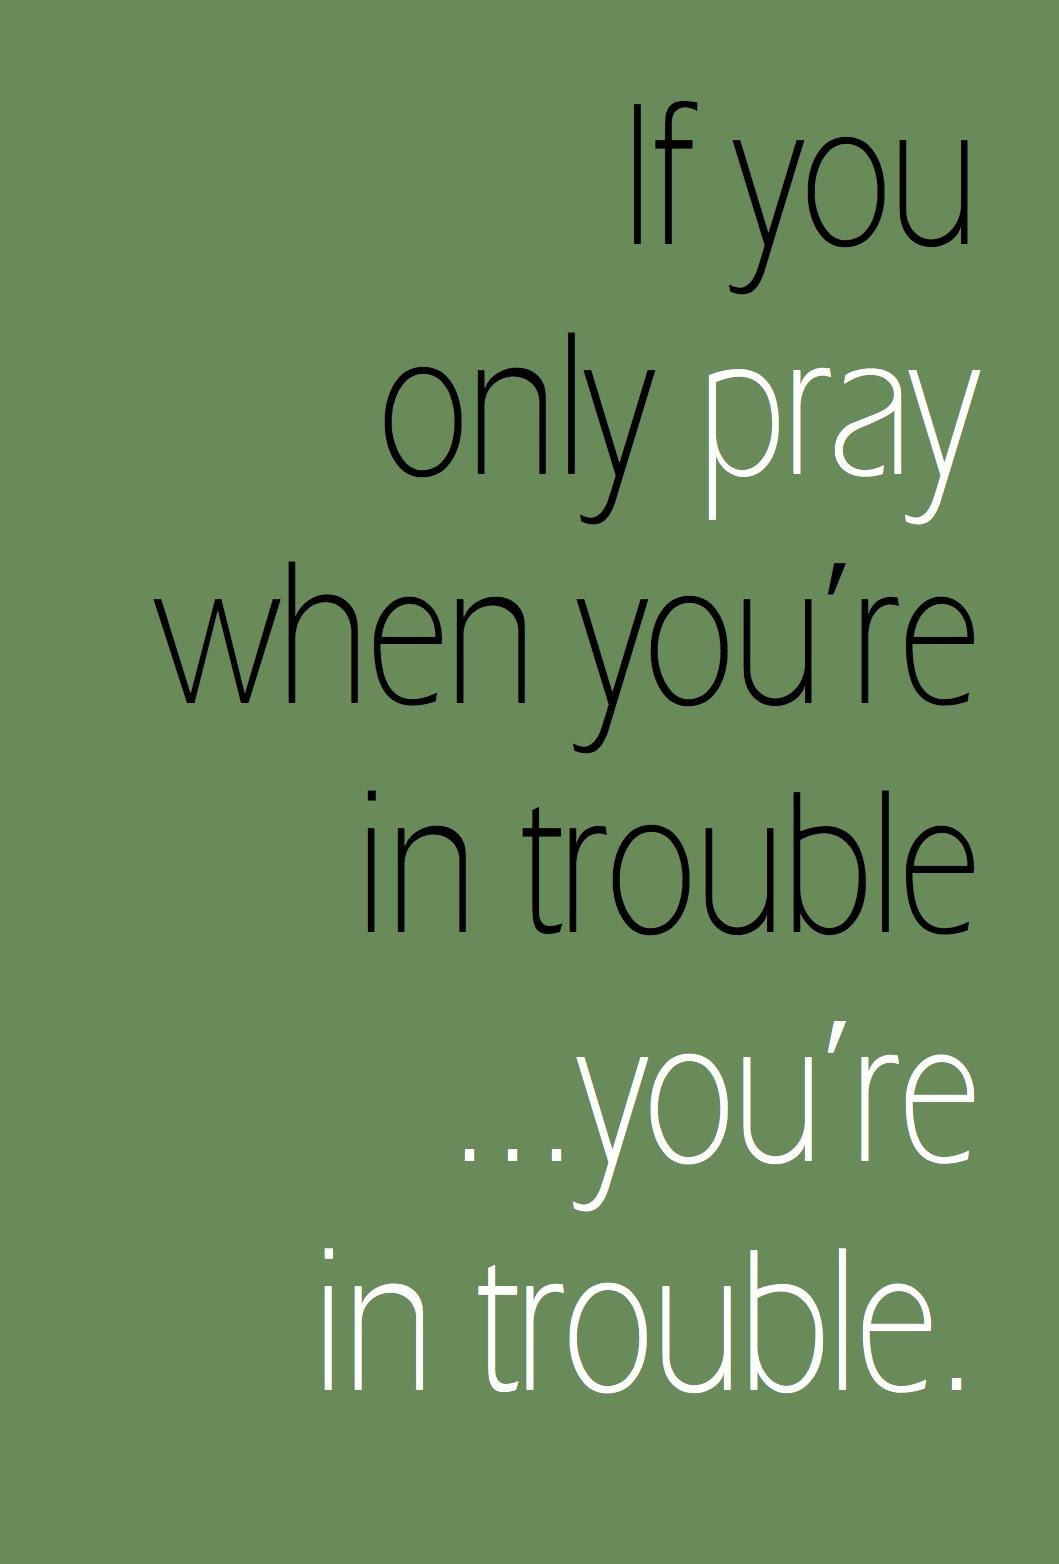 Prayer Quotes. QuotesGram